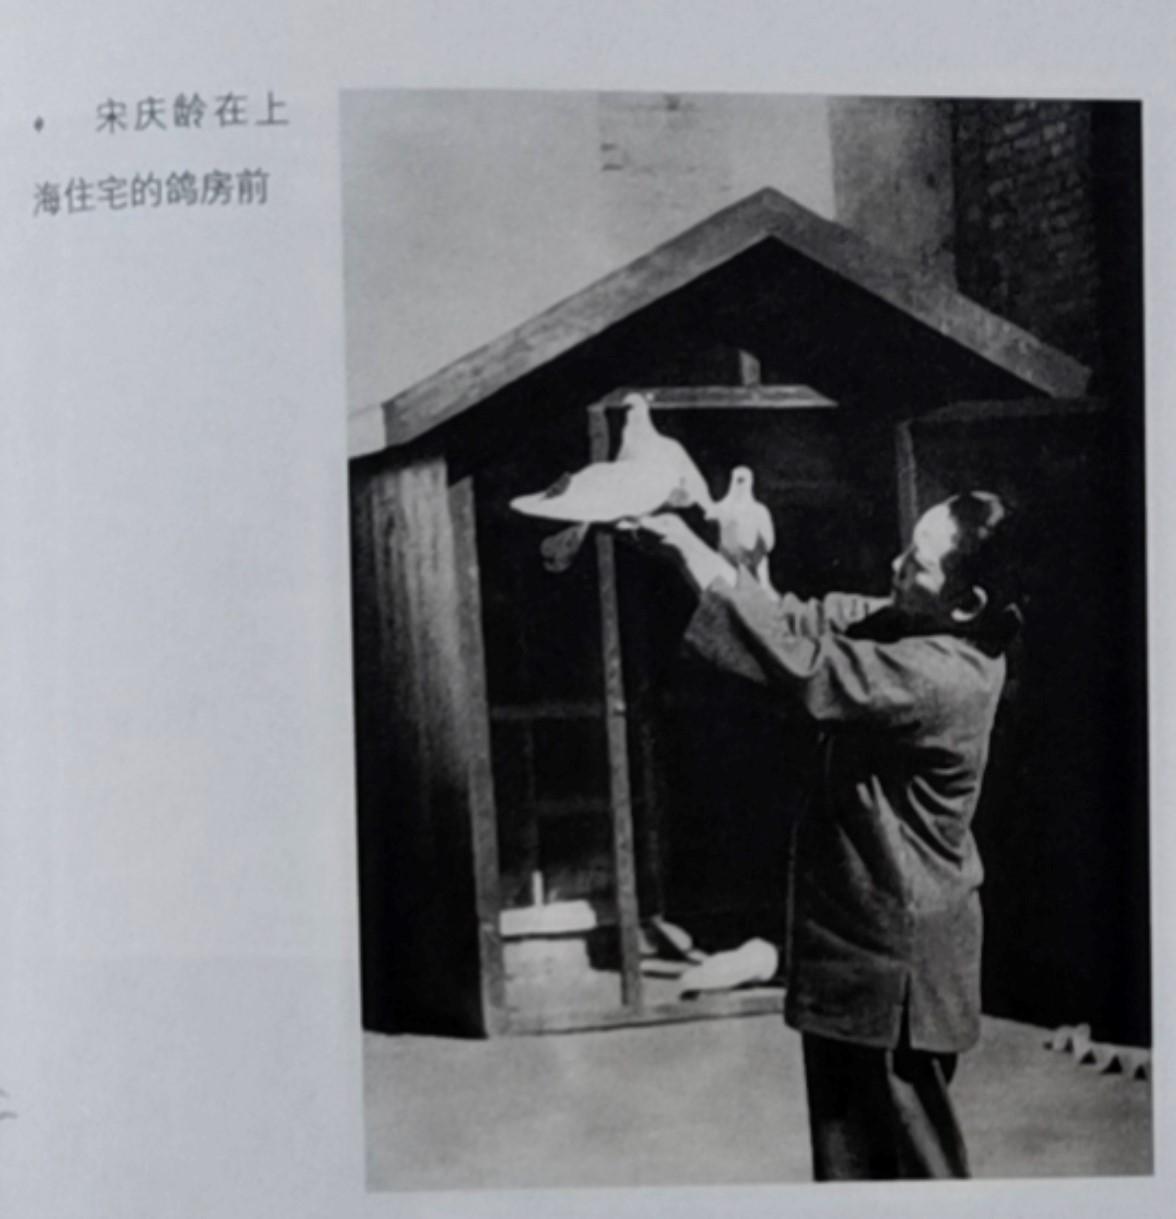 宋庆龄喂鸽子